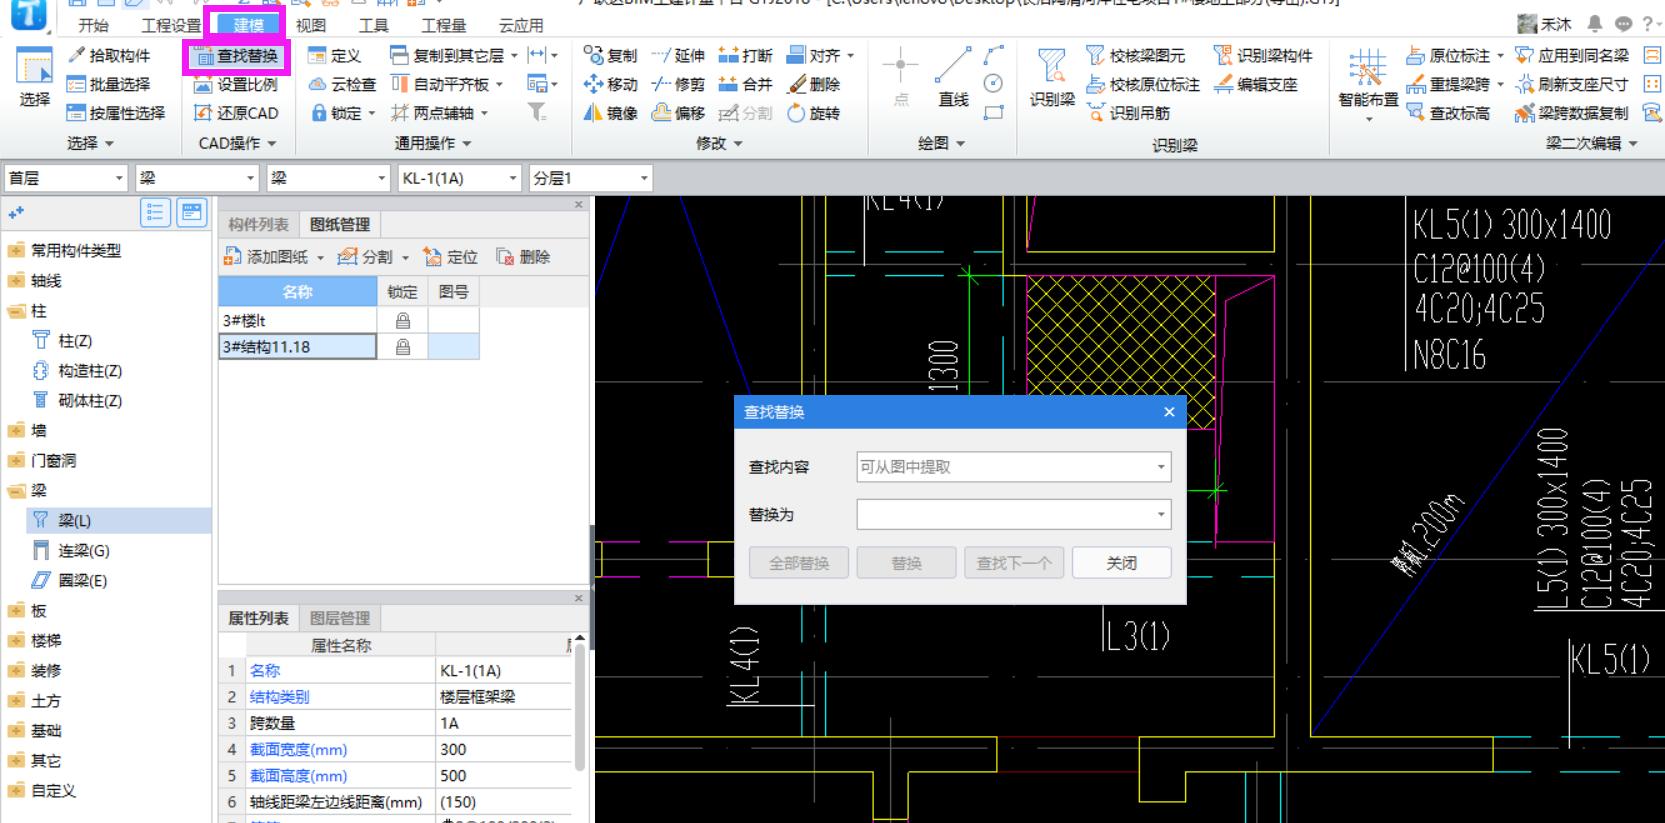 GTJ2018地方查找功在构件cad三要素图层的图片